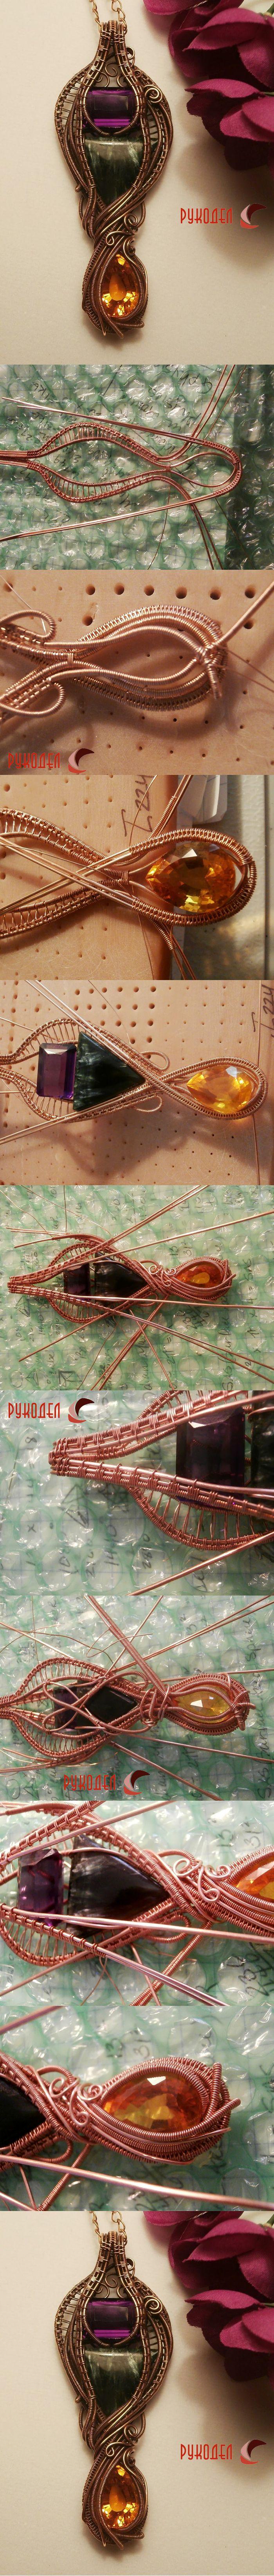 Сложная сборка подвески из медной проволокив технике Wire Wrapping . Используются кабошоны и кристалл. Начинающим сложно разобраться в процессе сборки. Но для ознакомления очень полезно посмотреть. Проволока для основы — медная 1, 1.2 мм. Проволока …